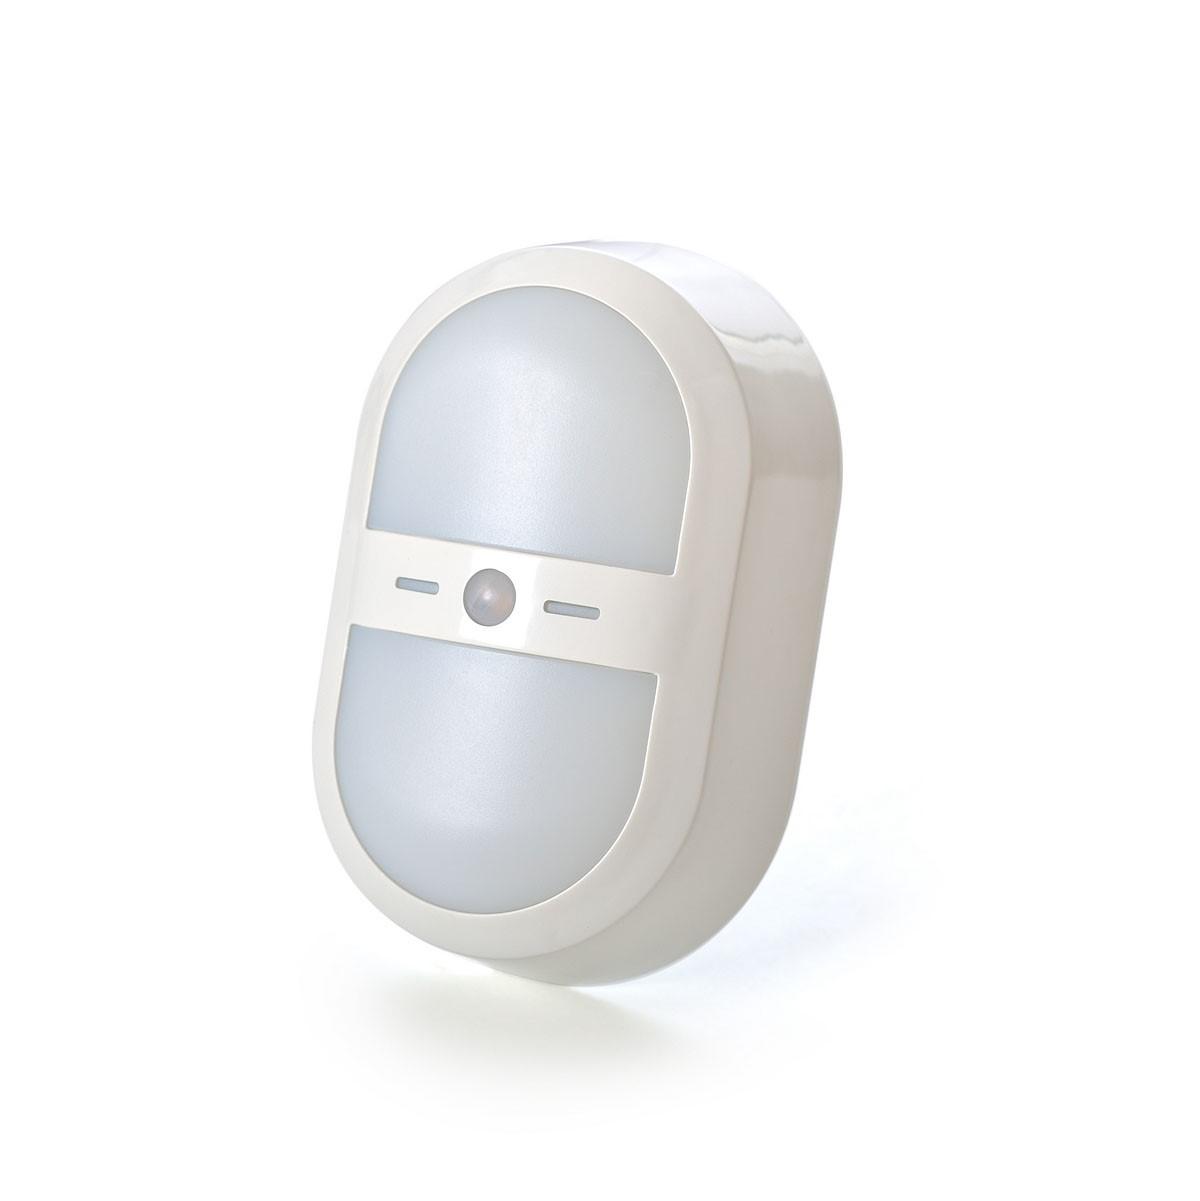 Image of Trådløs sensor lampe